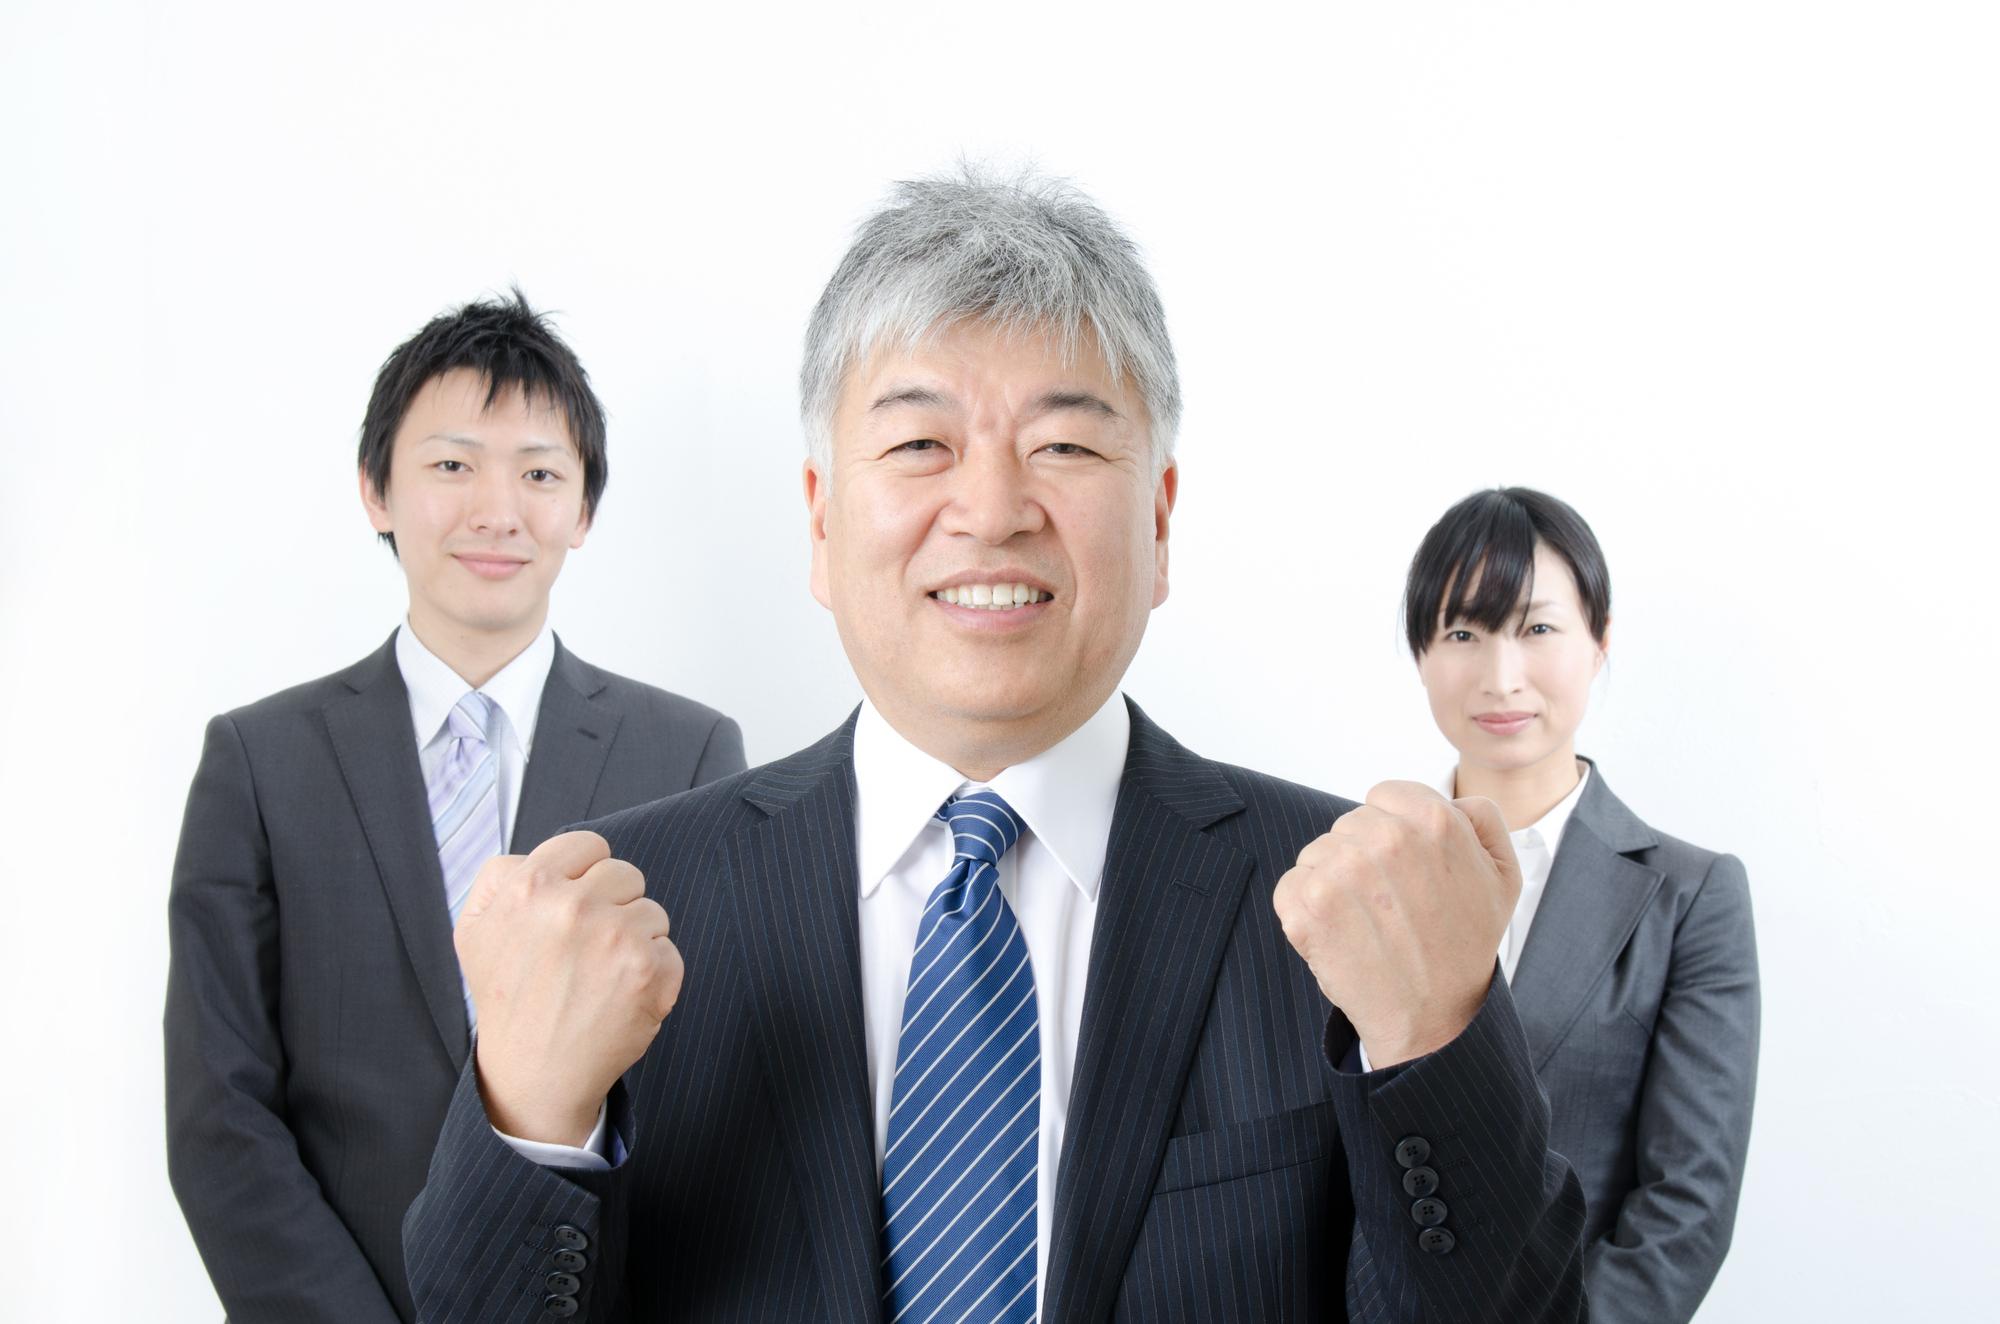 東京雇用助成金相談センターに申請代行を依頼するメリット